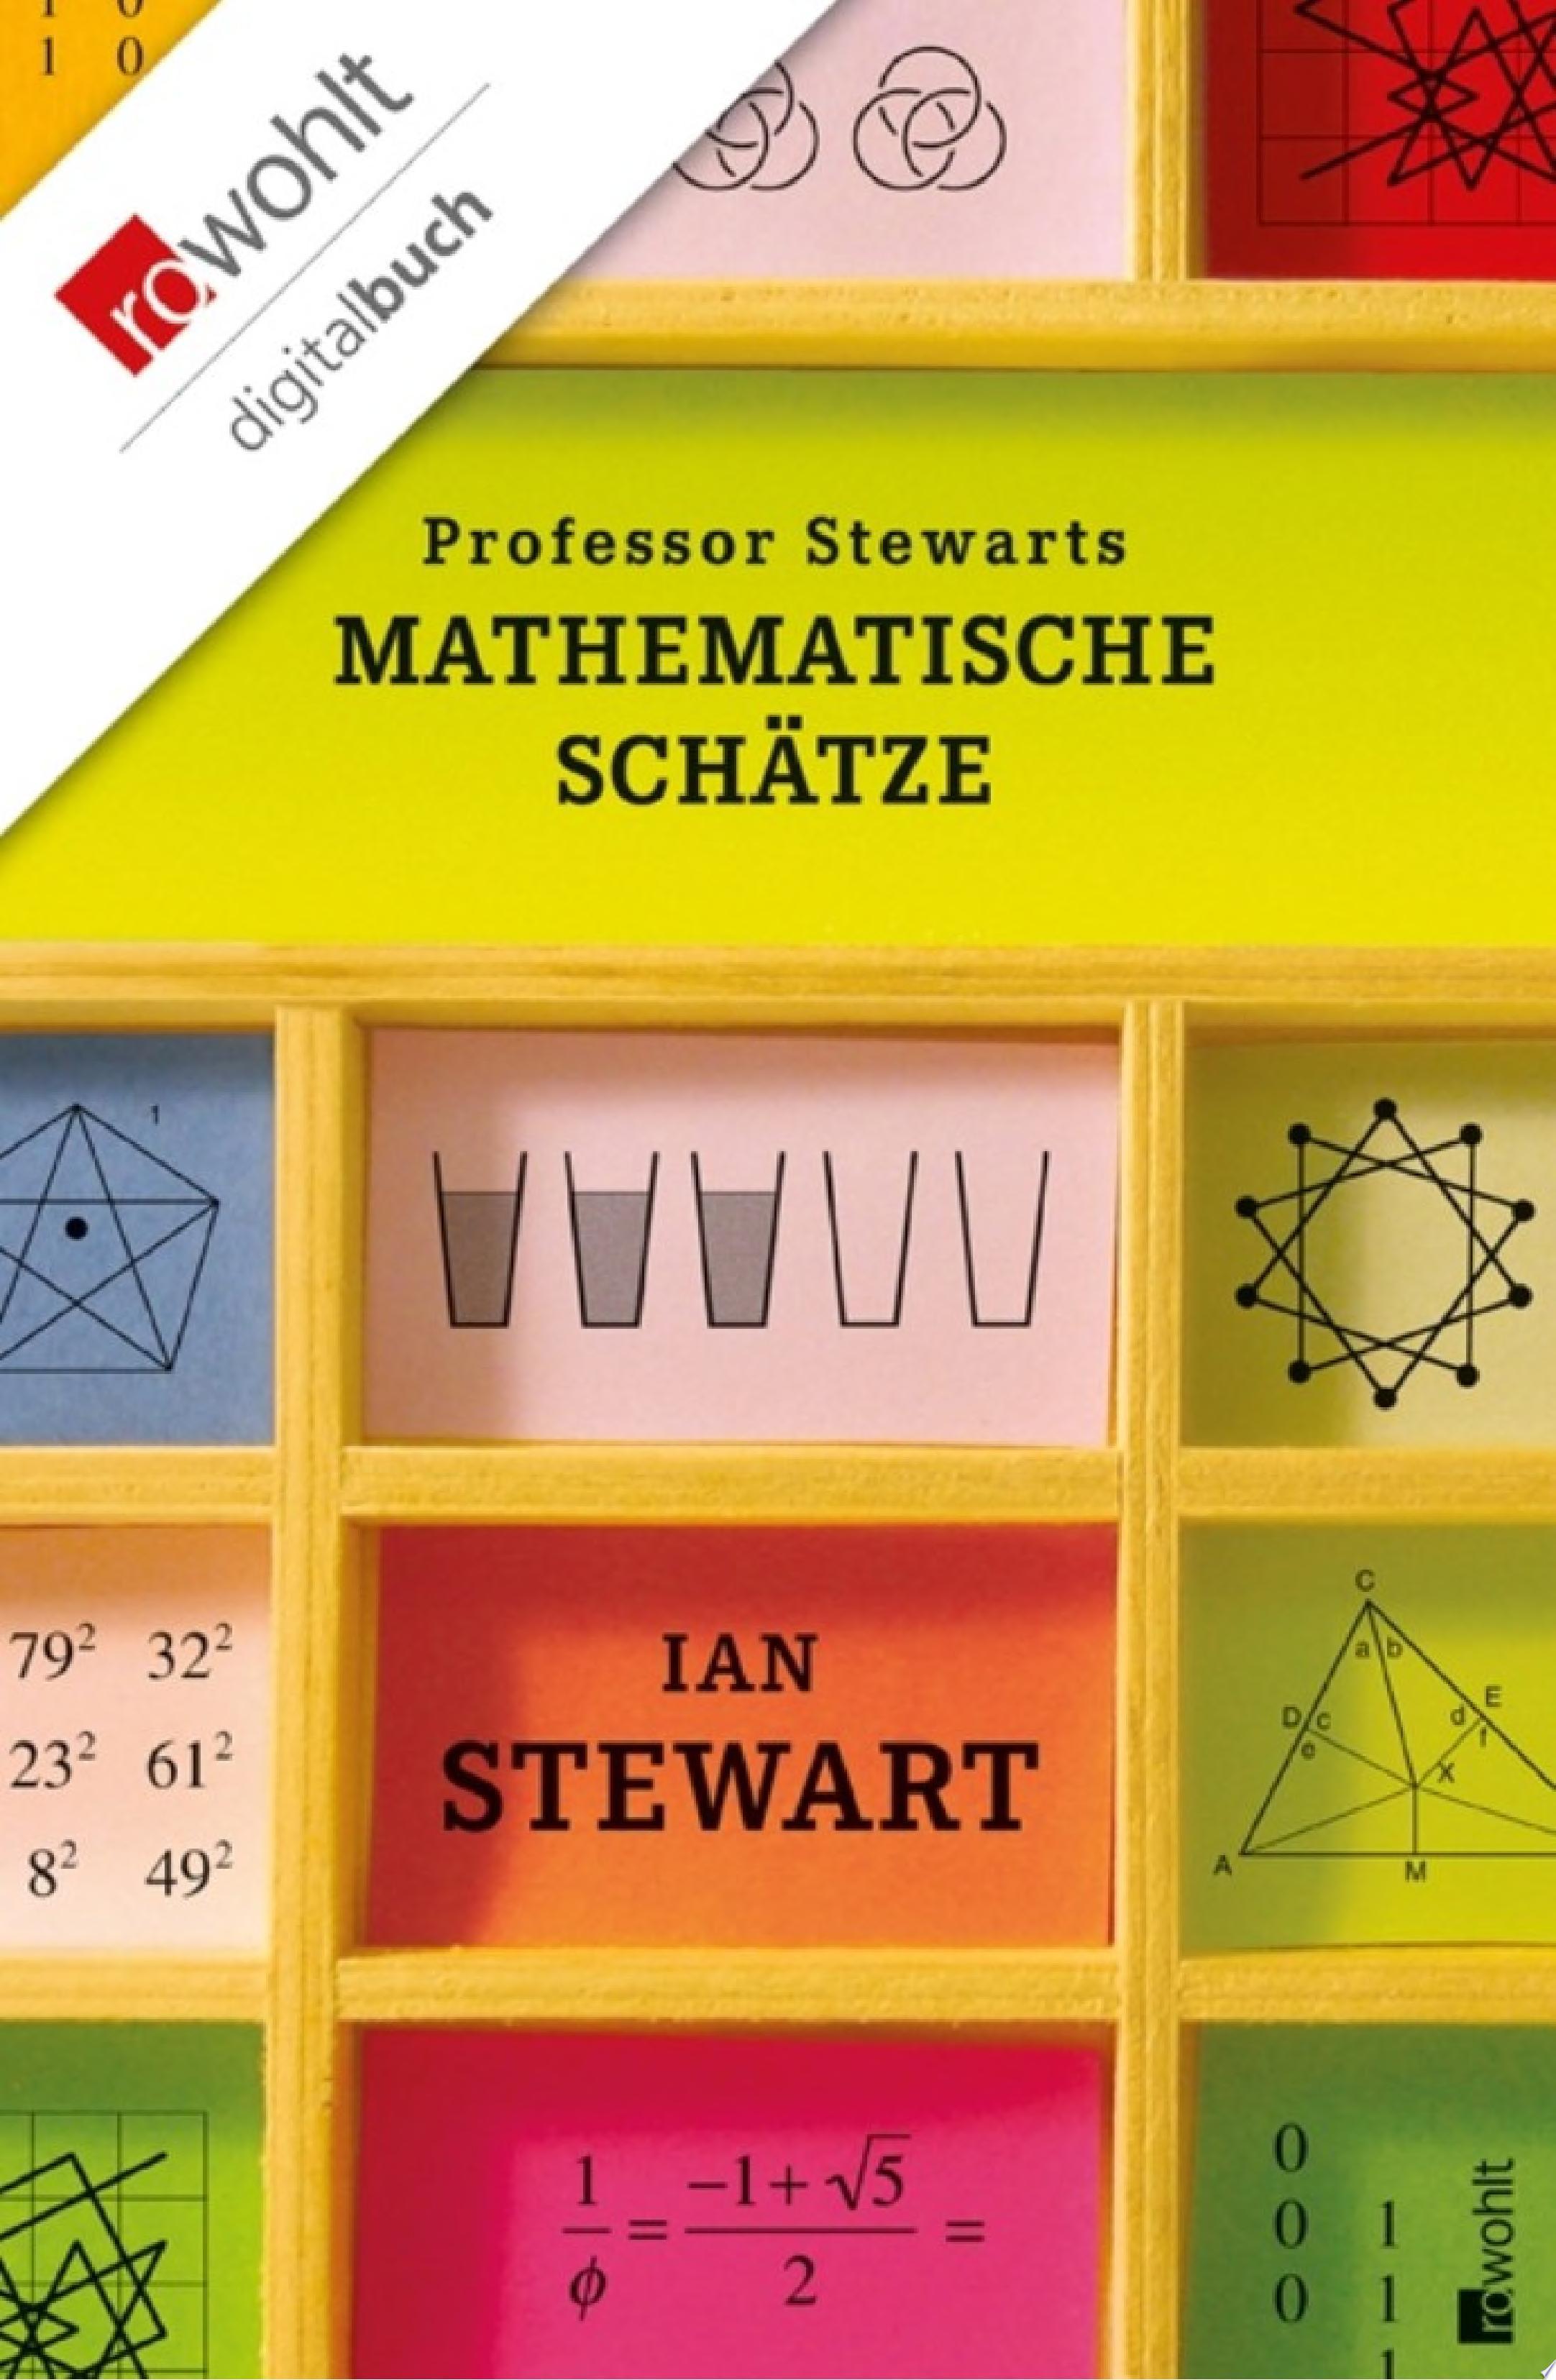 Professor Stewarts mathematische Sch  tze